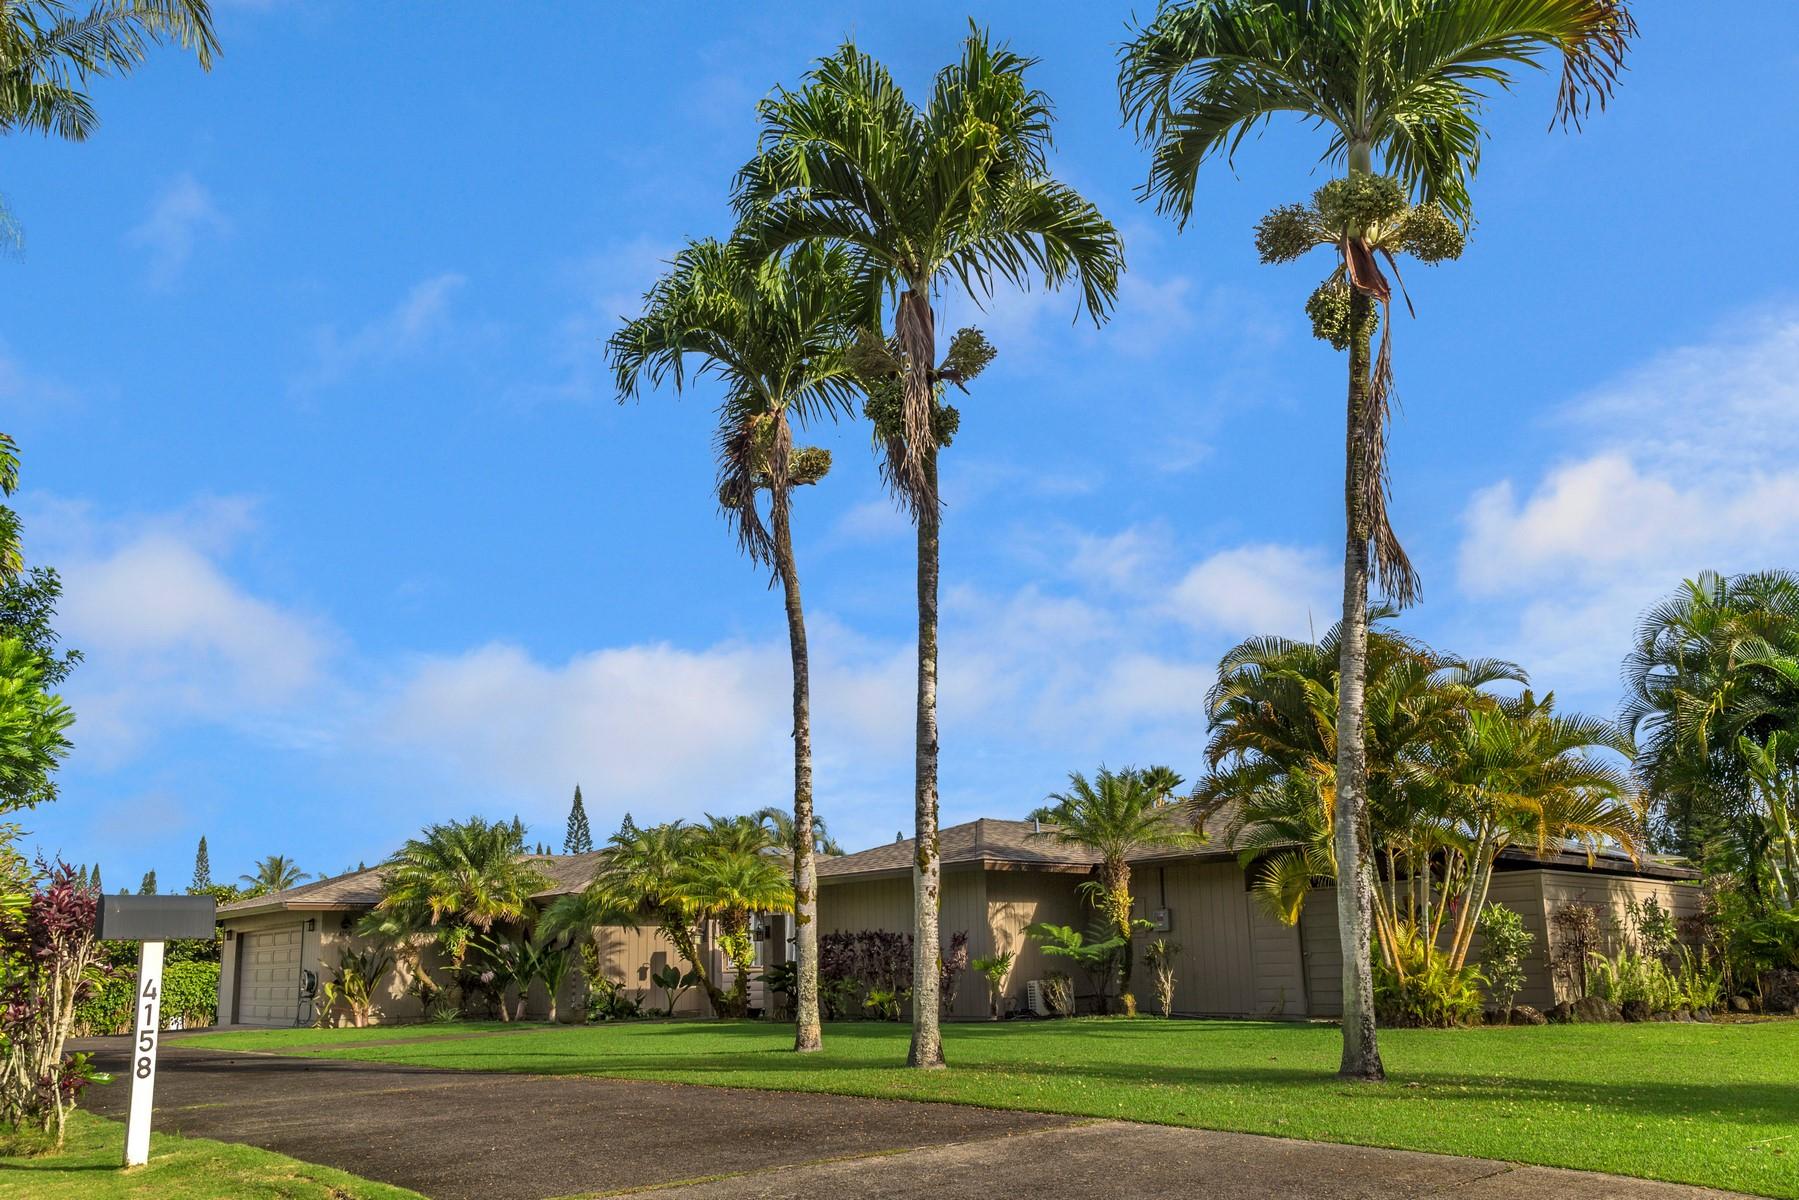 独户住宅 为 销售 在 4158 Kamalani Lane 4158 Kamalani Lane 普林斯维尔, 夏威夷 96722 美国